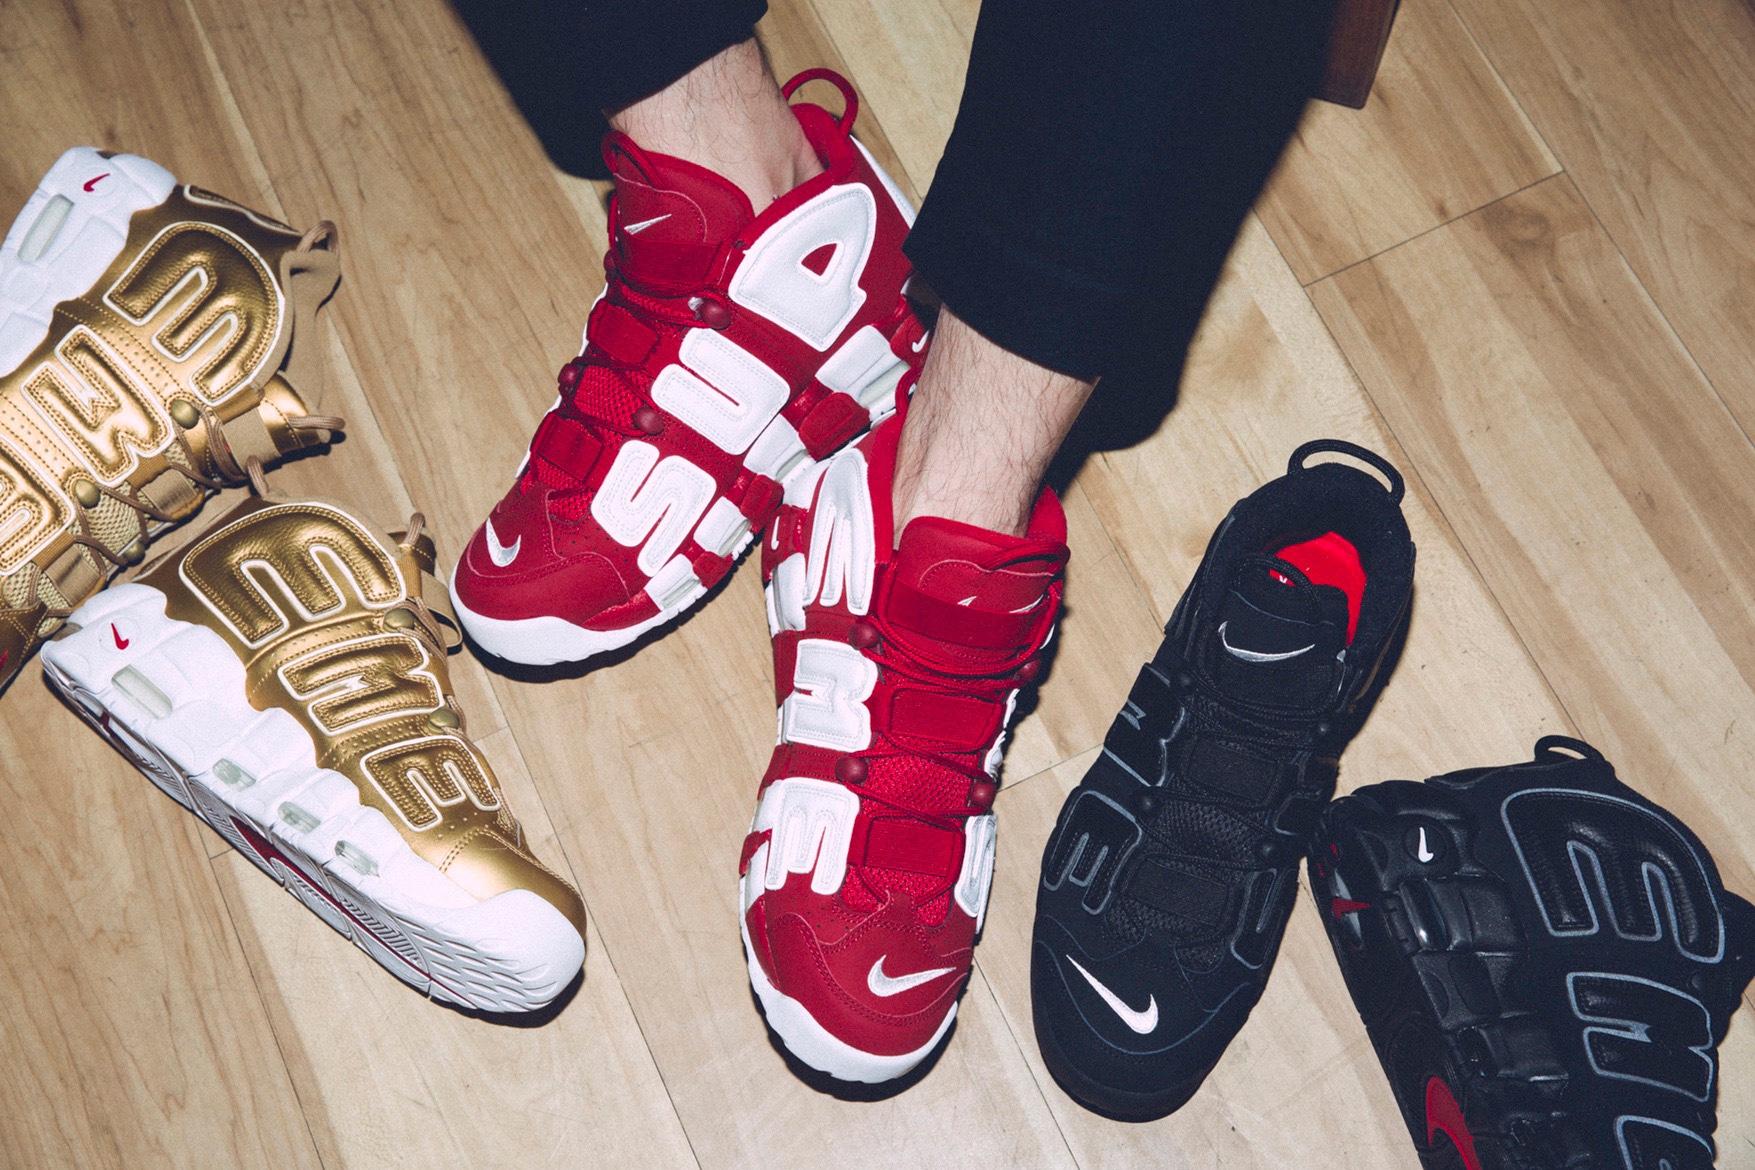 f8d5cea7 В продажу поступили новые кроссовки Air More Uptempos, созданные Nike  вместе с Supreme. Модель выпущена в трех цветах. Сегодня кроссовки появятся  лишь в ...